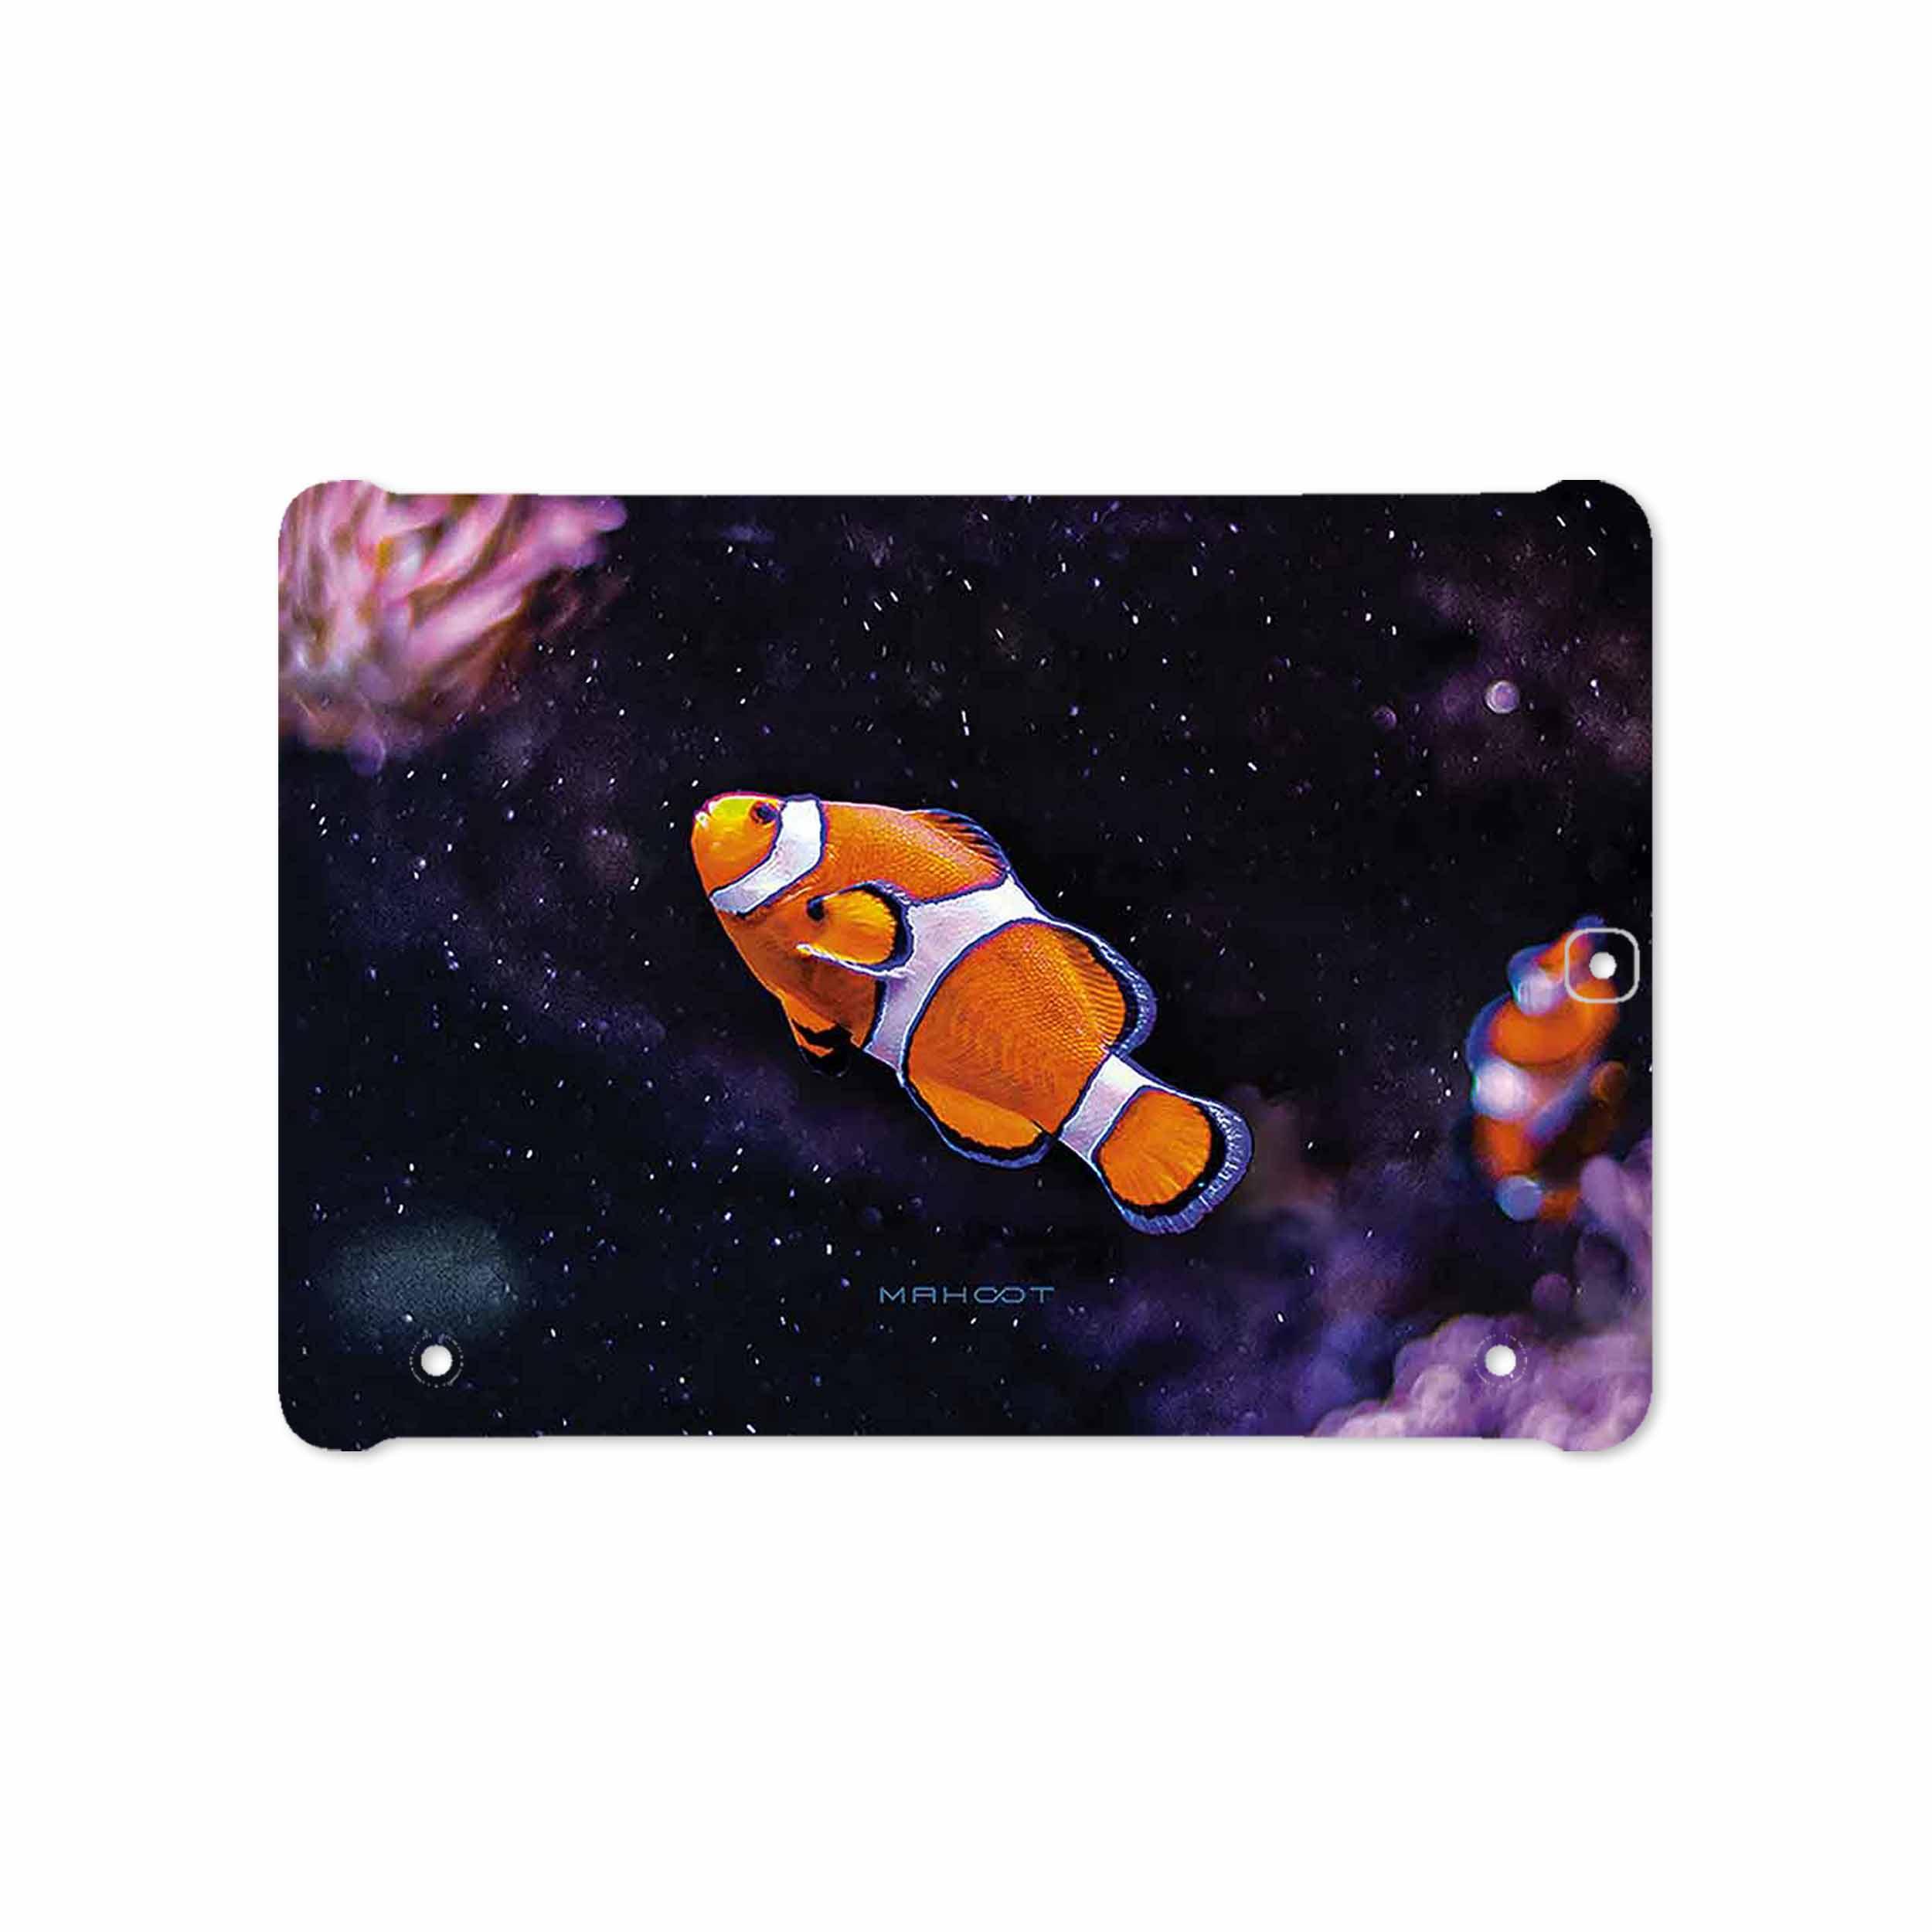 بررسی و خرید [با تخفیف]                                     برچسب پوششی ماهوت مدل Clownfish مناسب برای تبلت سامسونگ Galaxy Tab S2 9.7 2016 T813N                             اورجینال